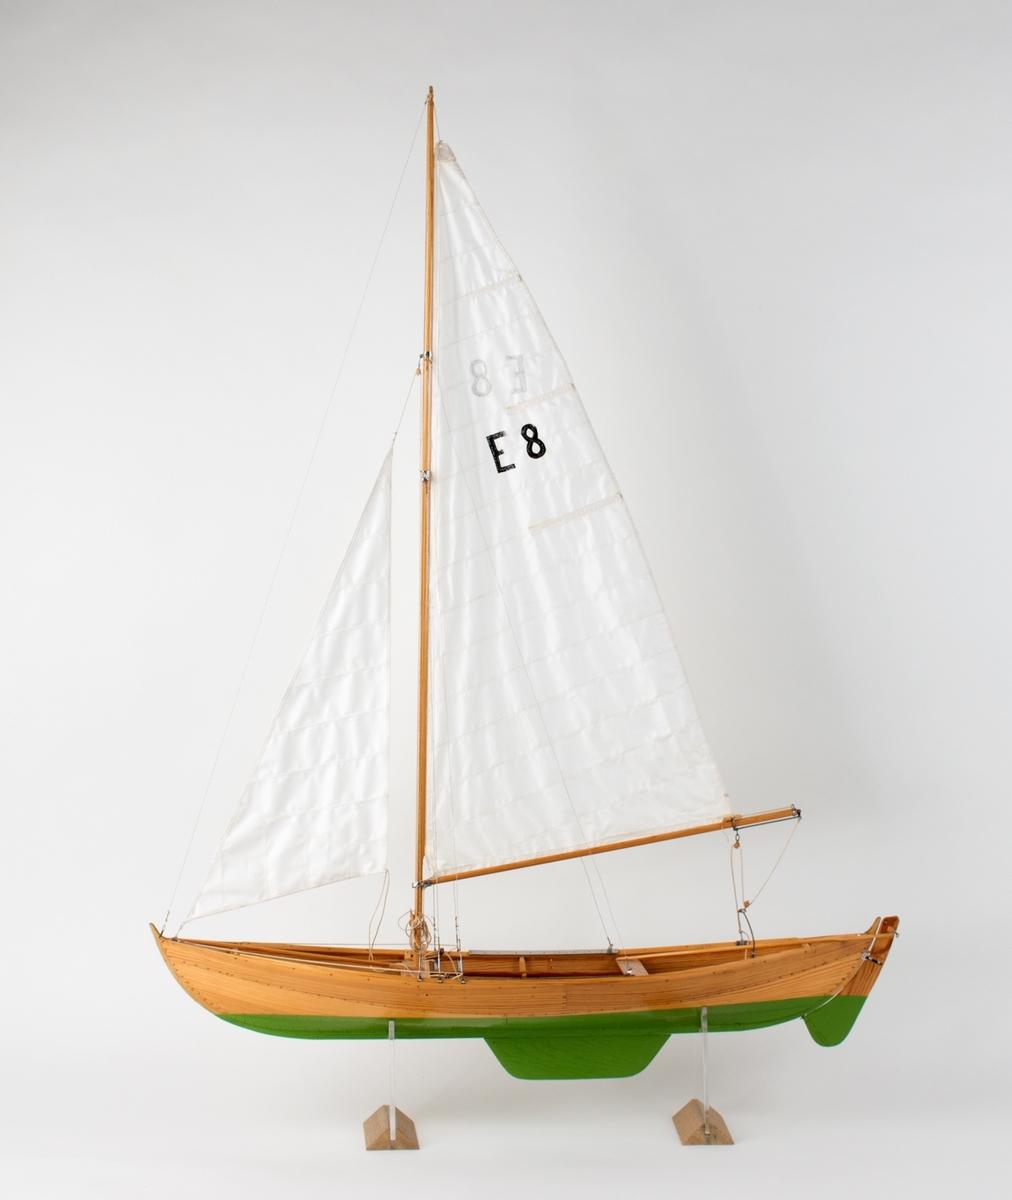 RAN-båt